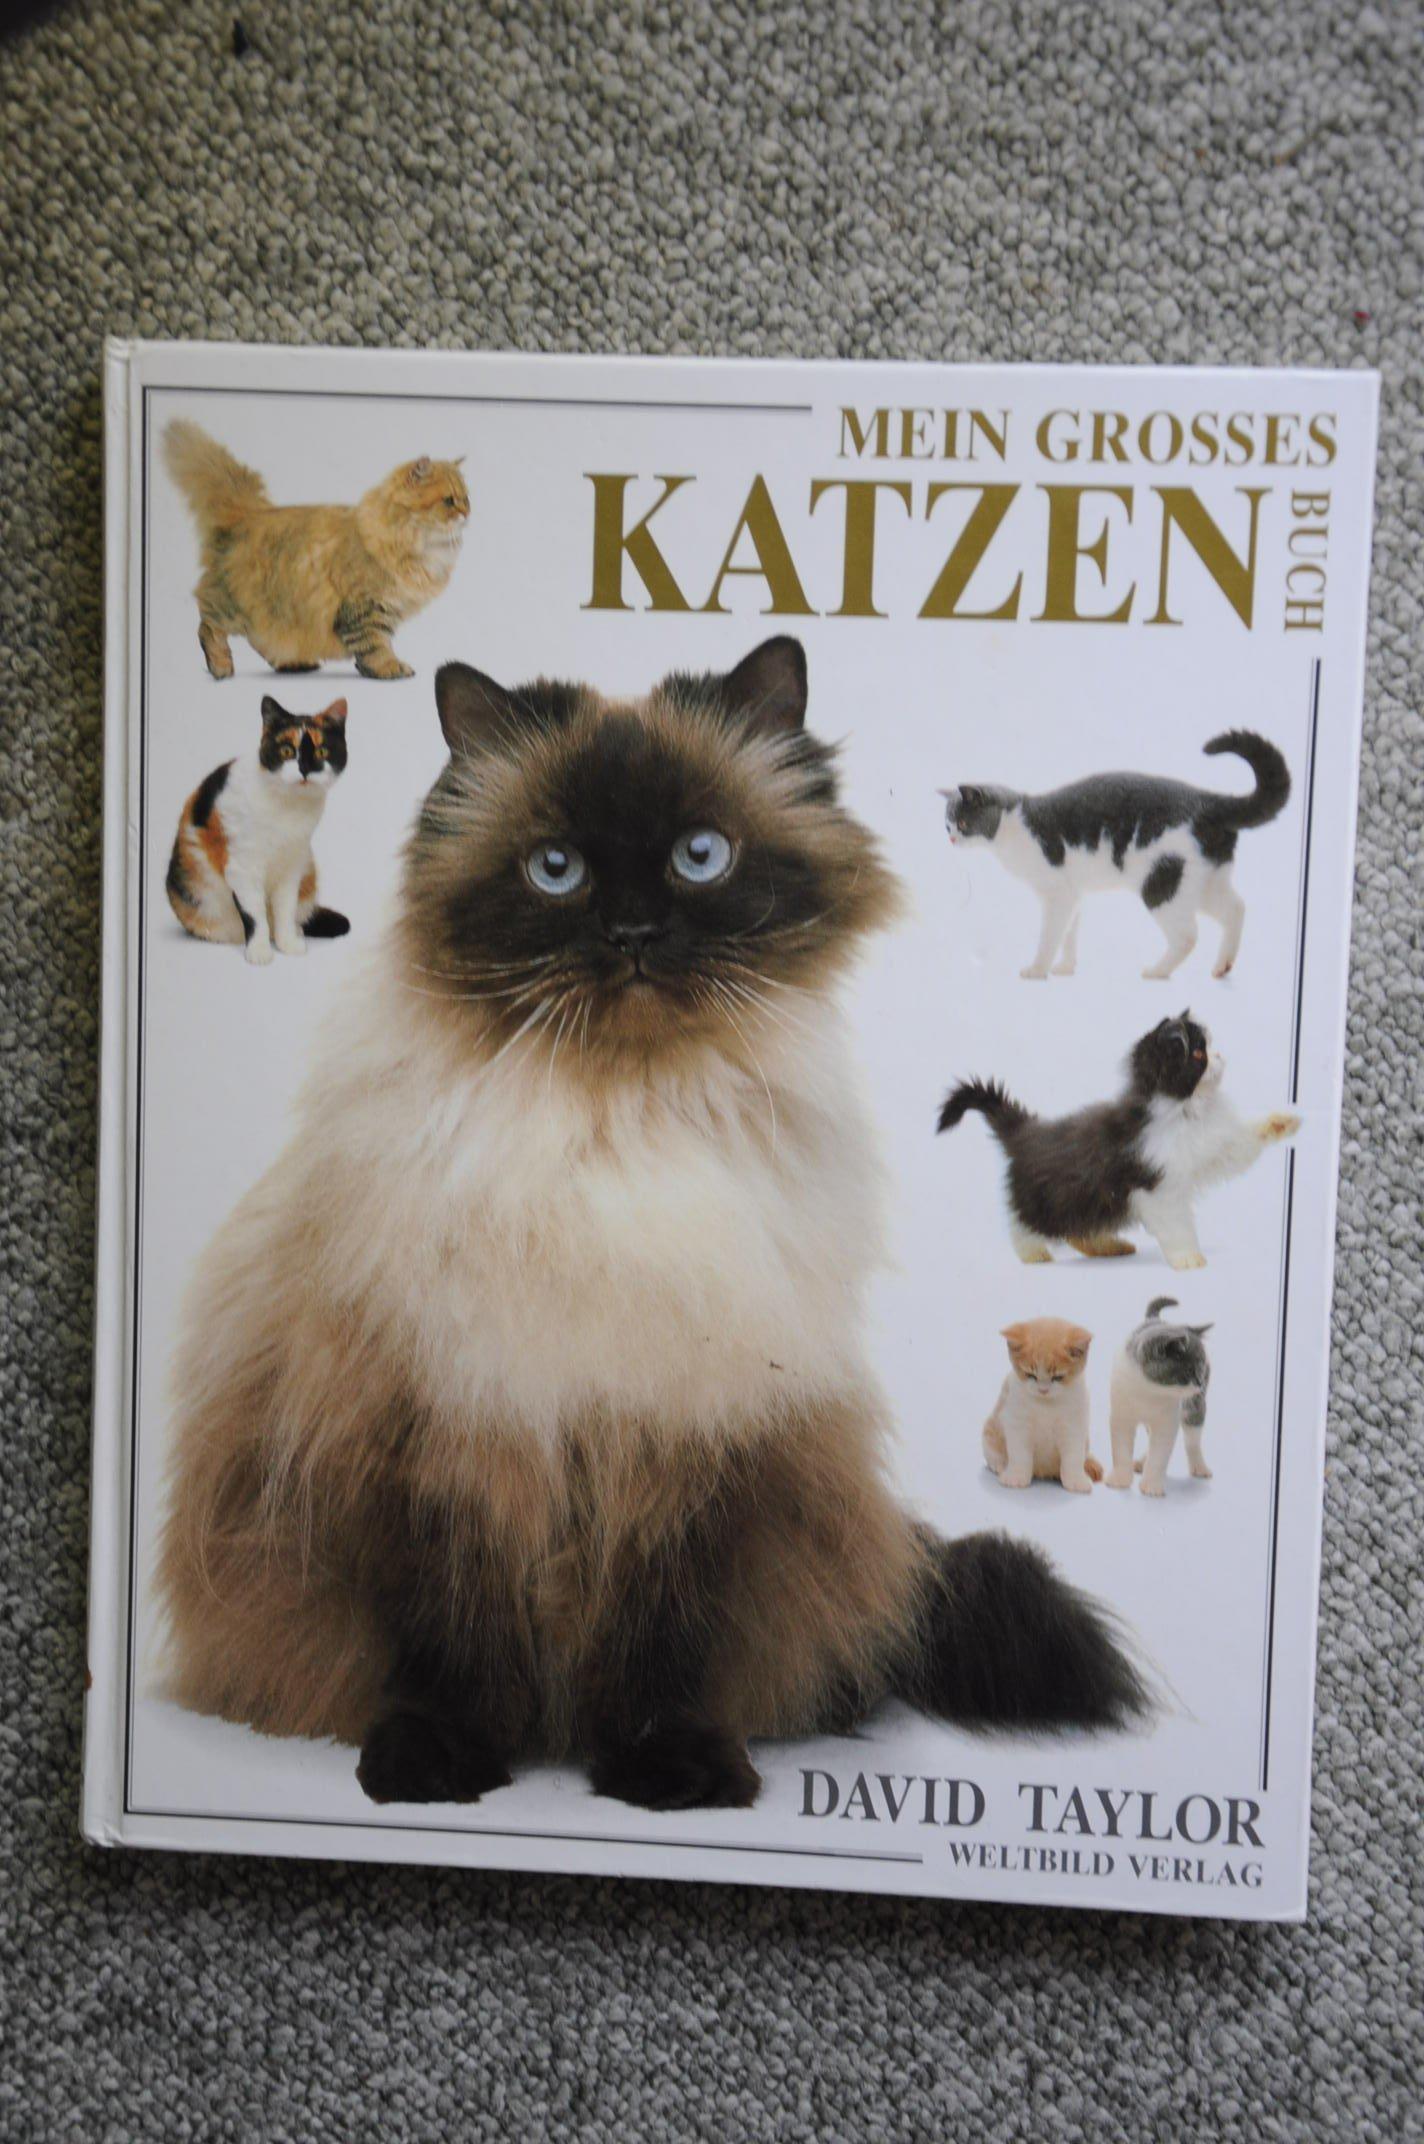 Mein großes Katzenbuch